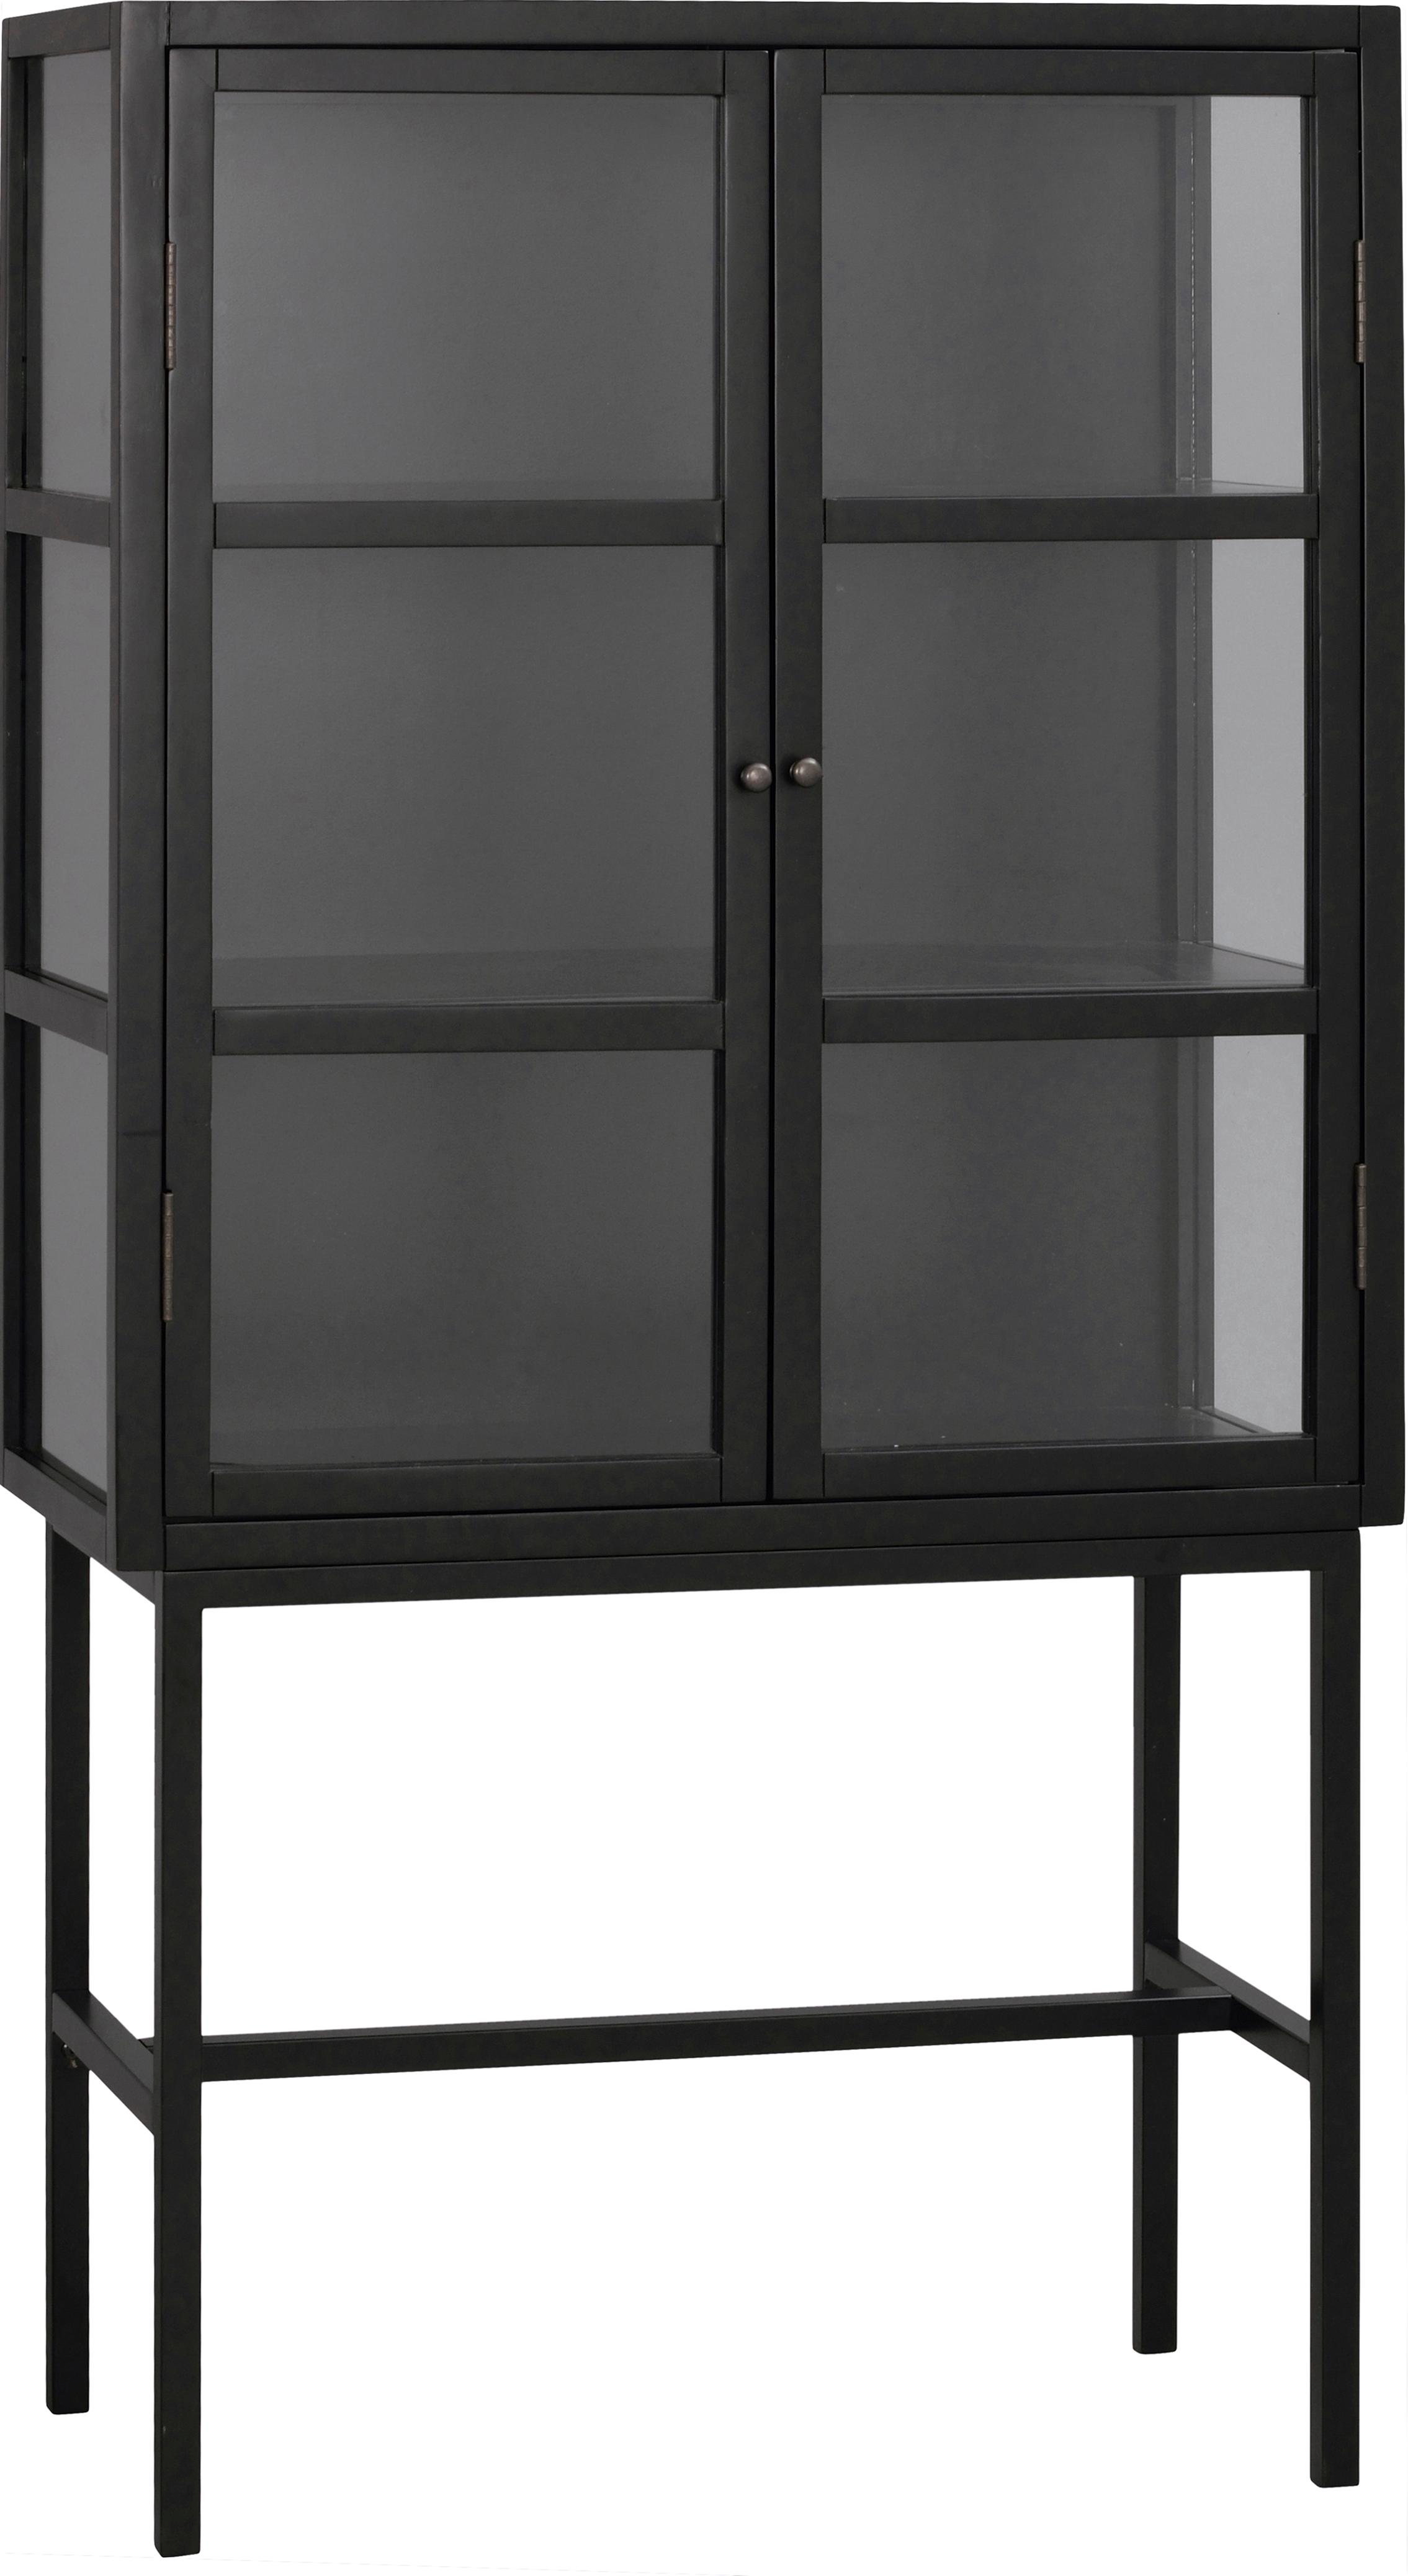 Witryna Marshall, Czarny, transparentny, S 85 x W 160 cm